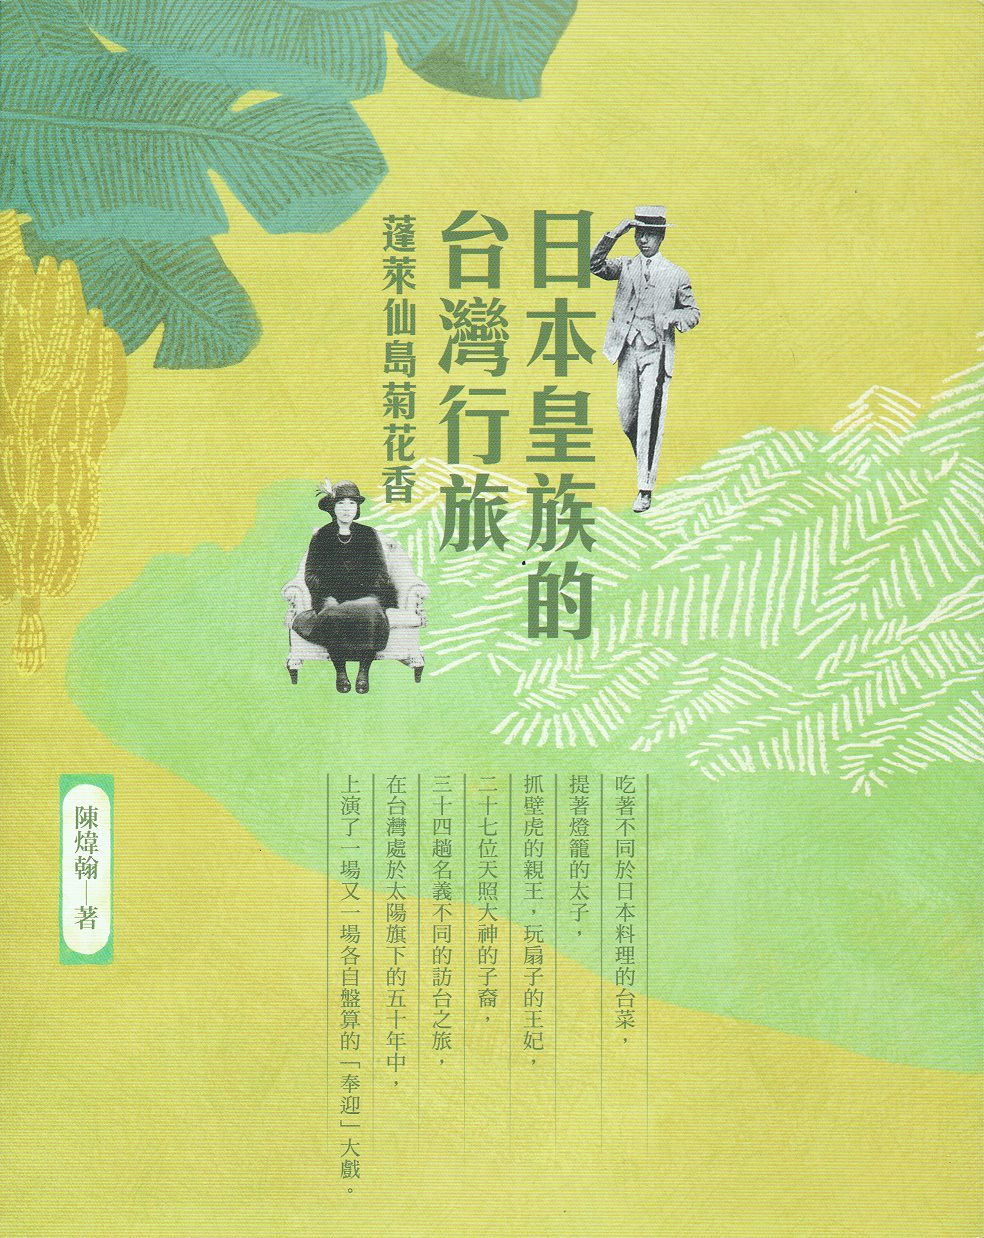 日本皇族的台灣行旅:蓬萊仙島菊花香